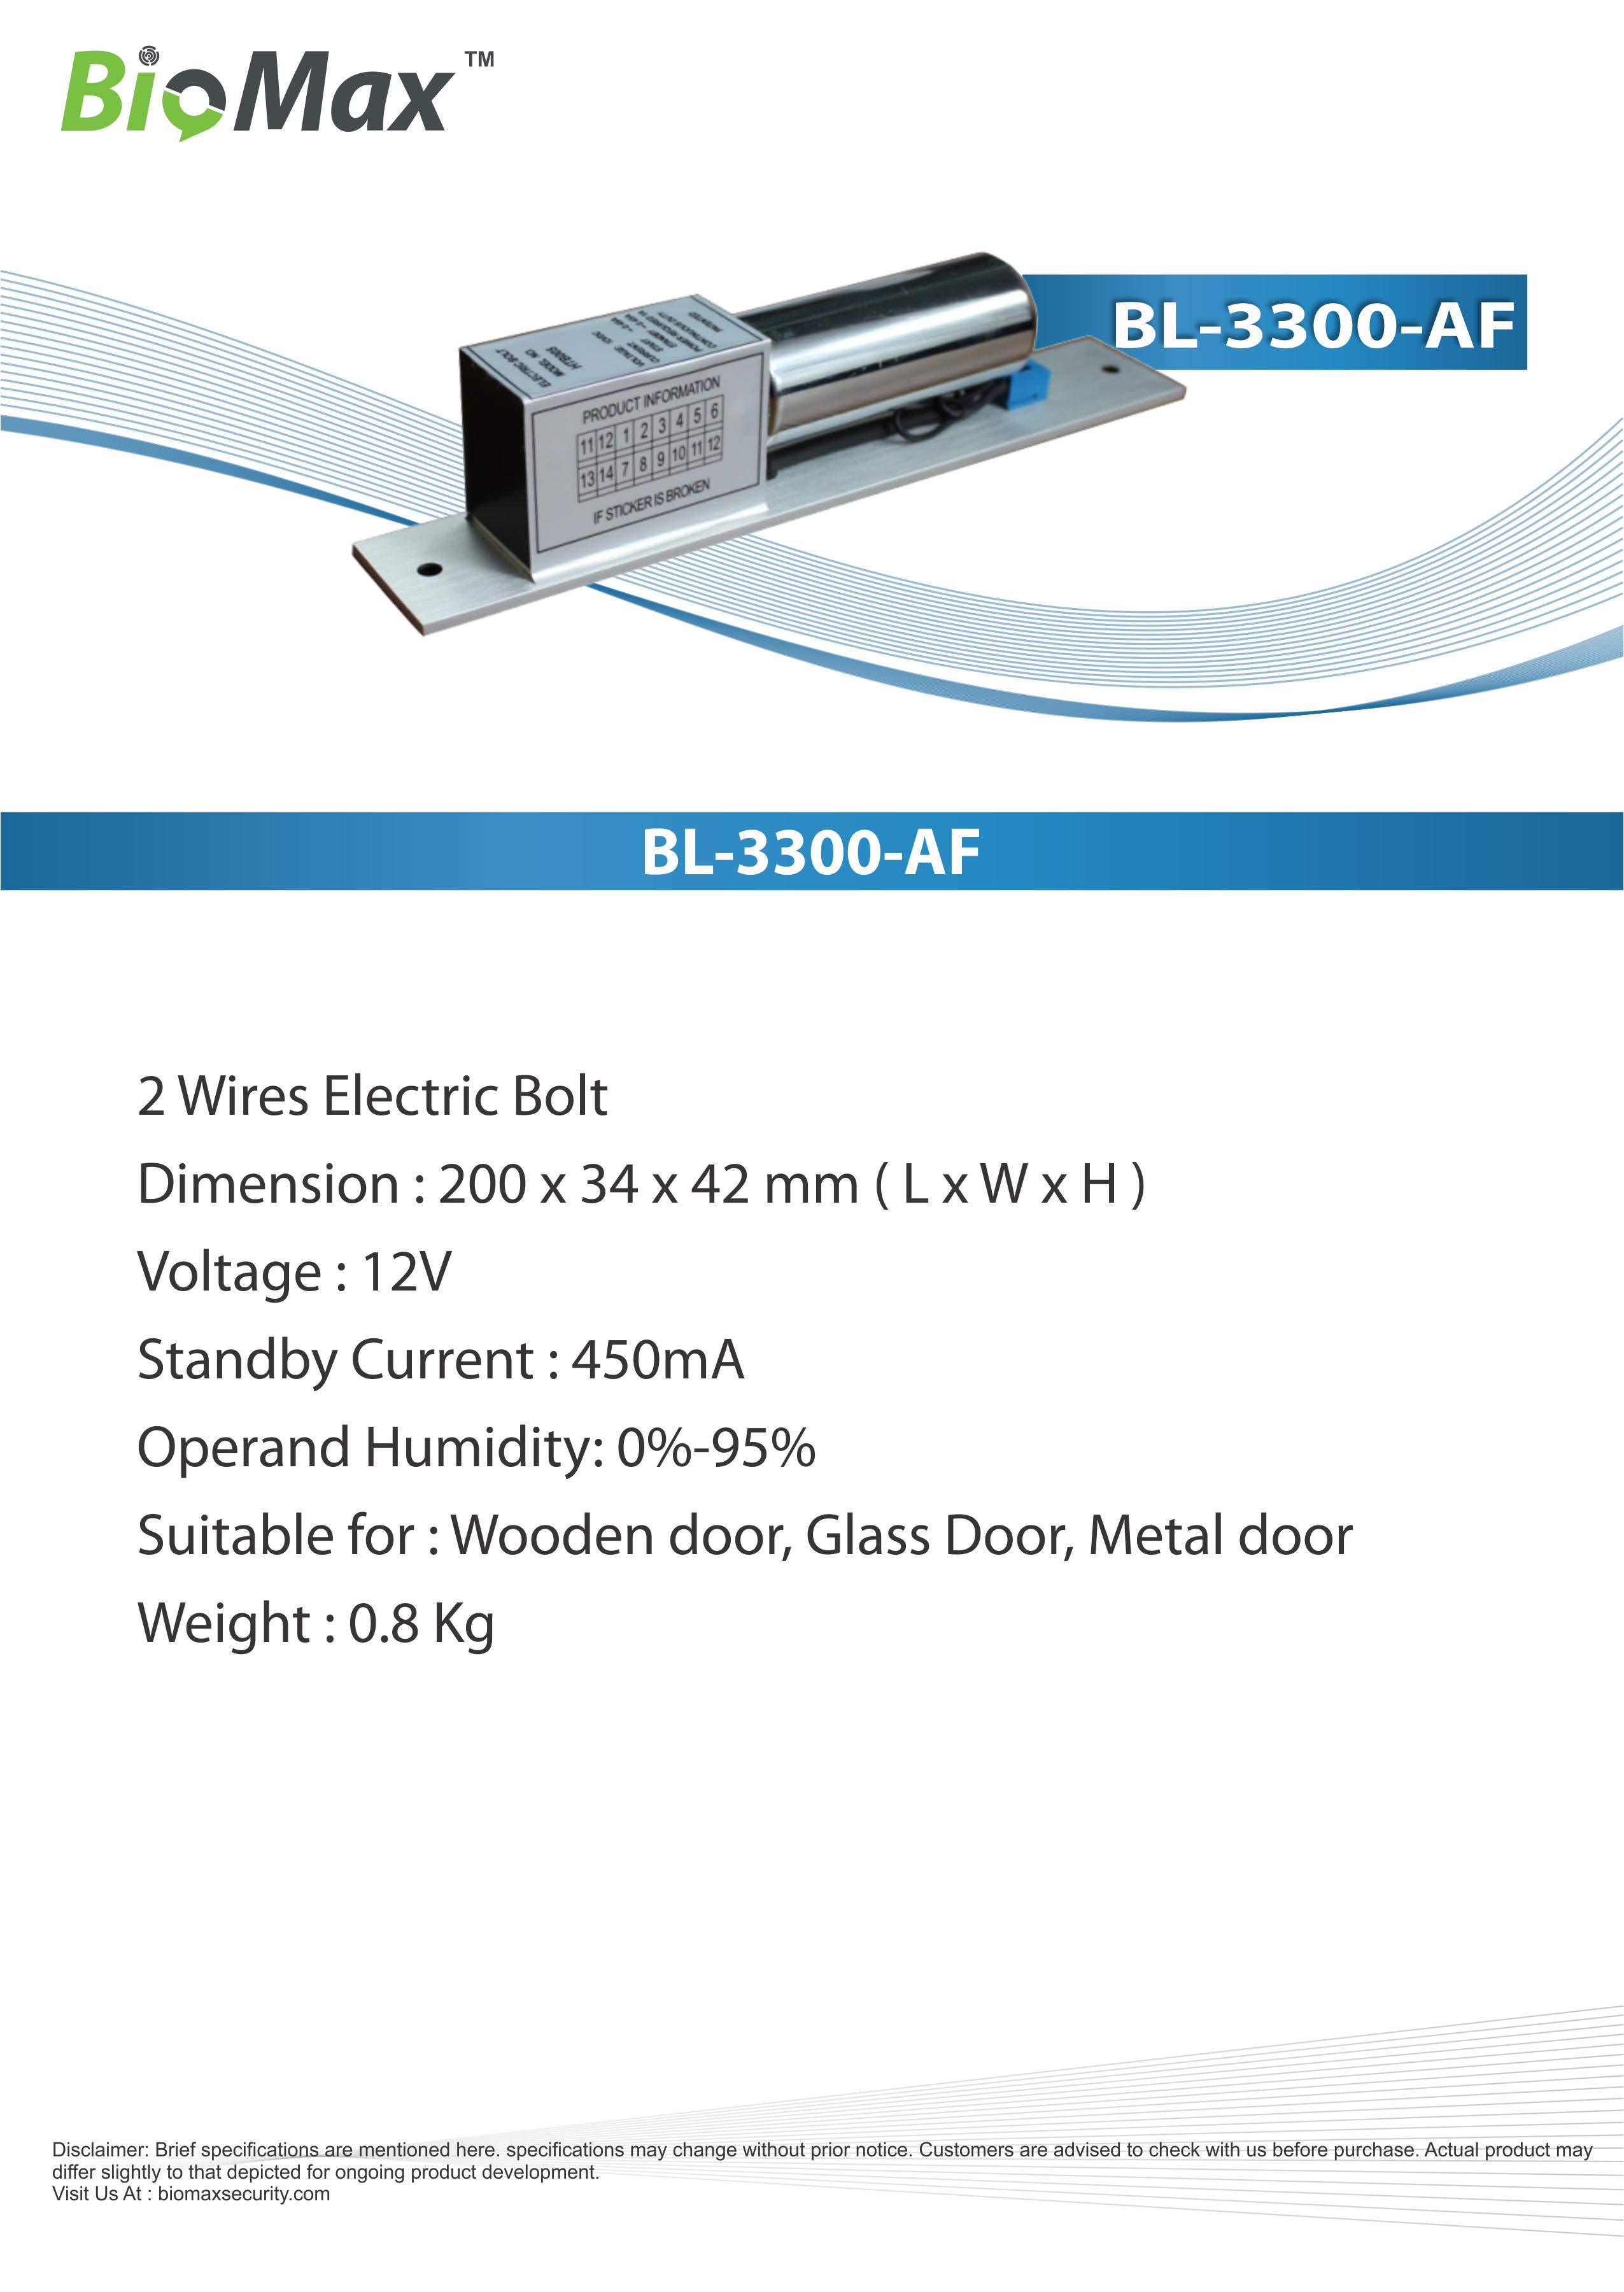 biomax bolt lock biomax maximum biometrics maximum security